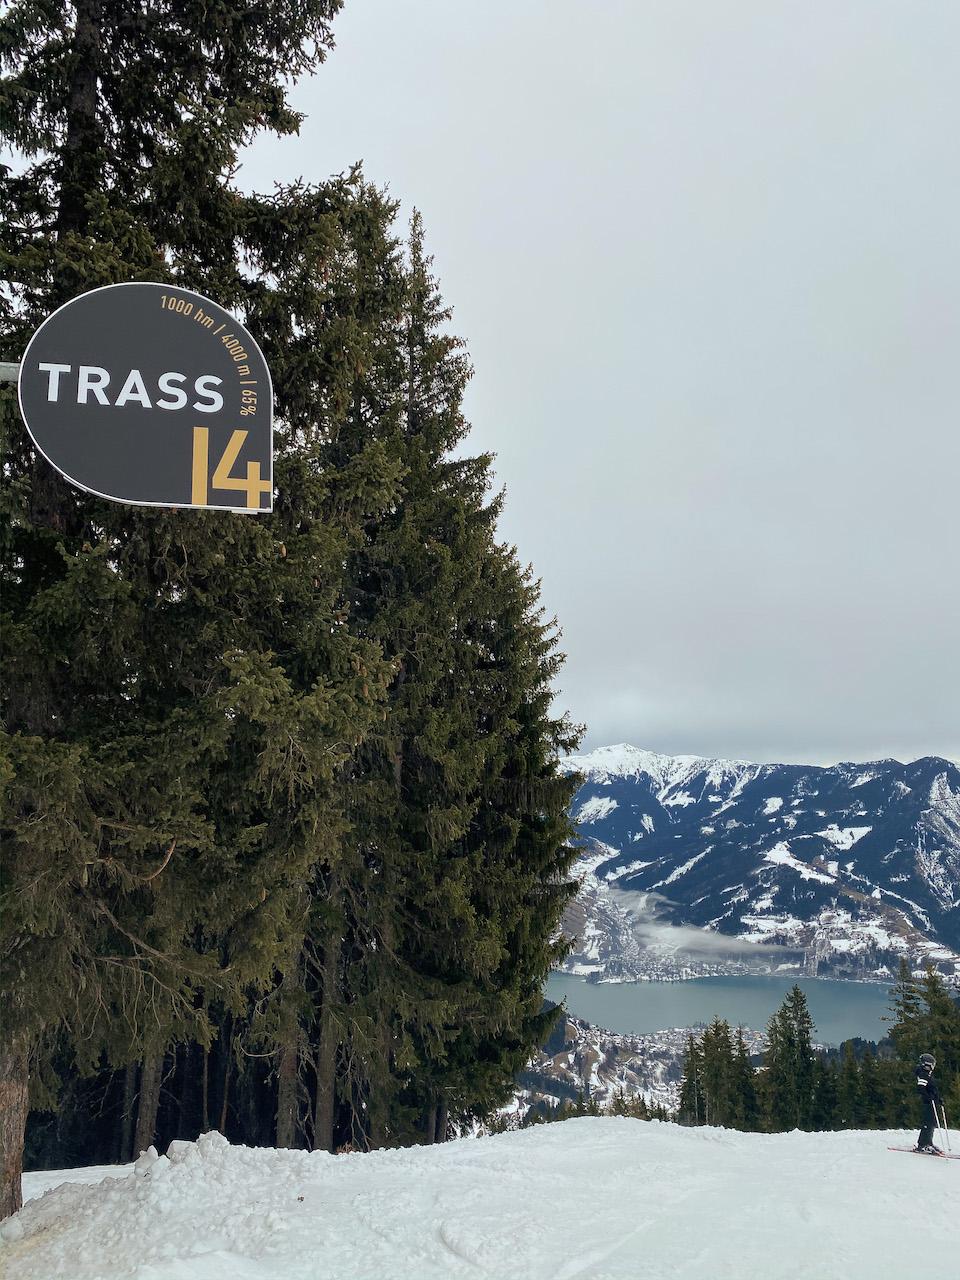 Wintersport Saalbach - Hinterglemm 2020 - Een dag skiën in Zell am See vanuit Saalbach-hinterglemm - Trass 14